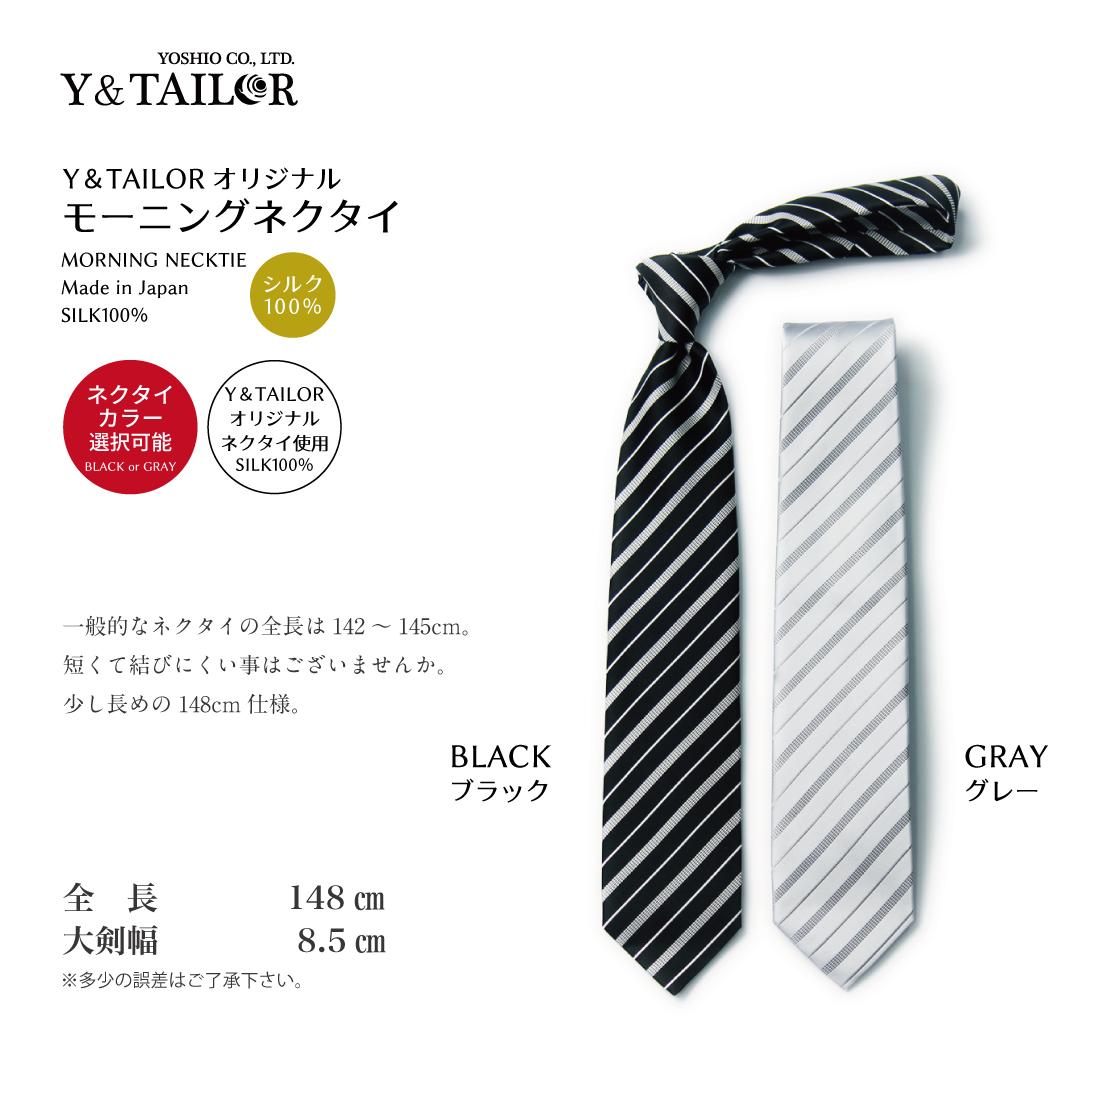 父親 モーニングセット ベーシック シャツ ネクタイ付き 7点セット サスペンダープラス